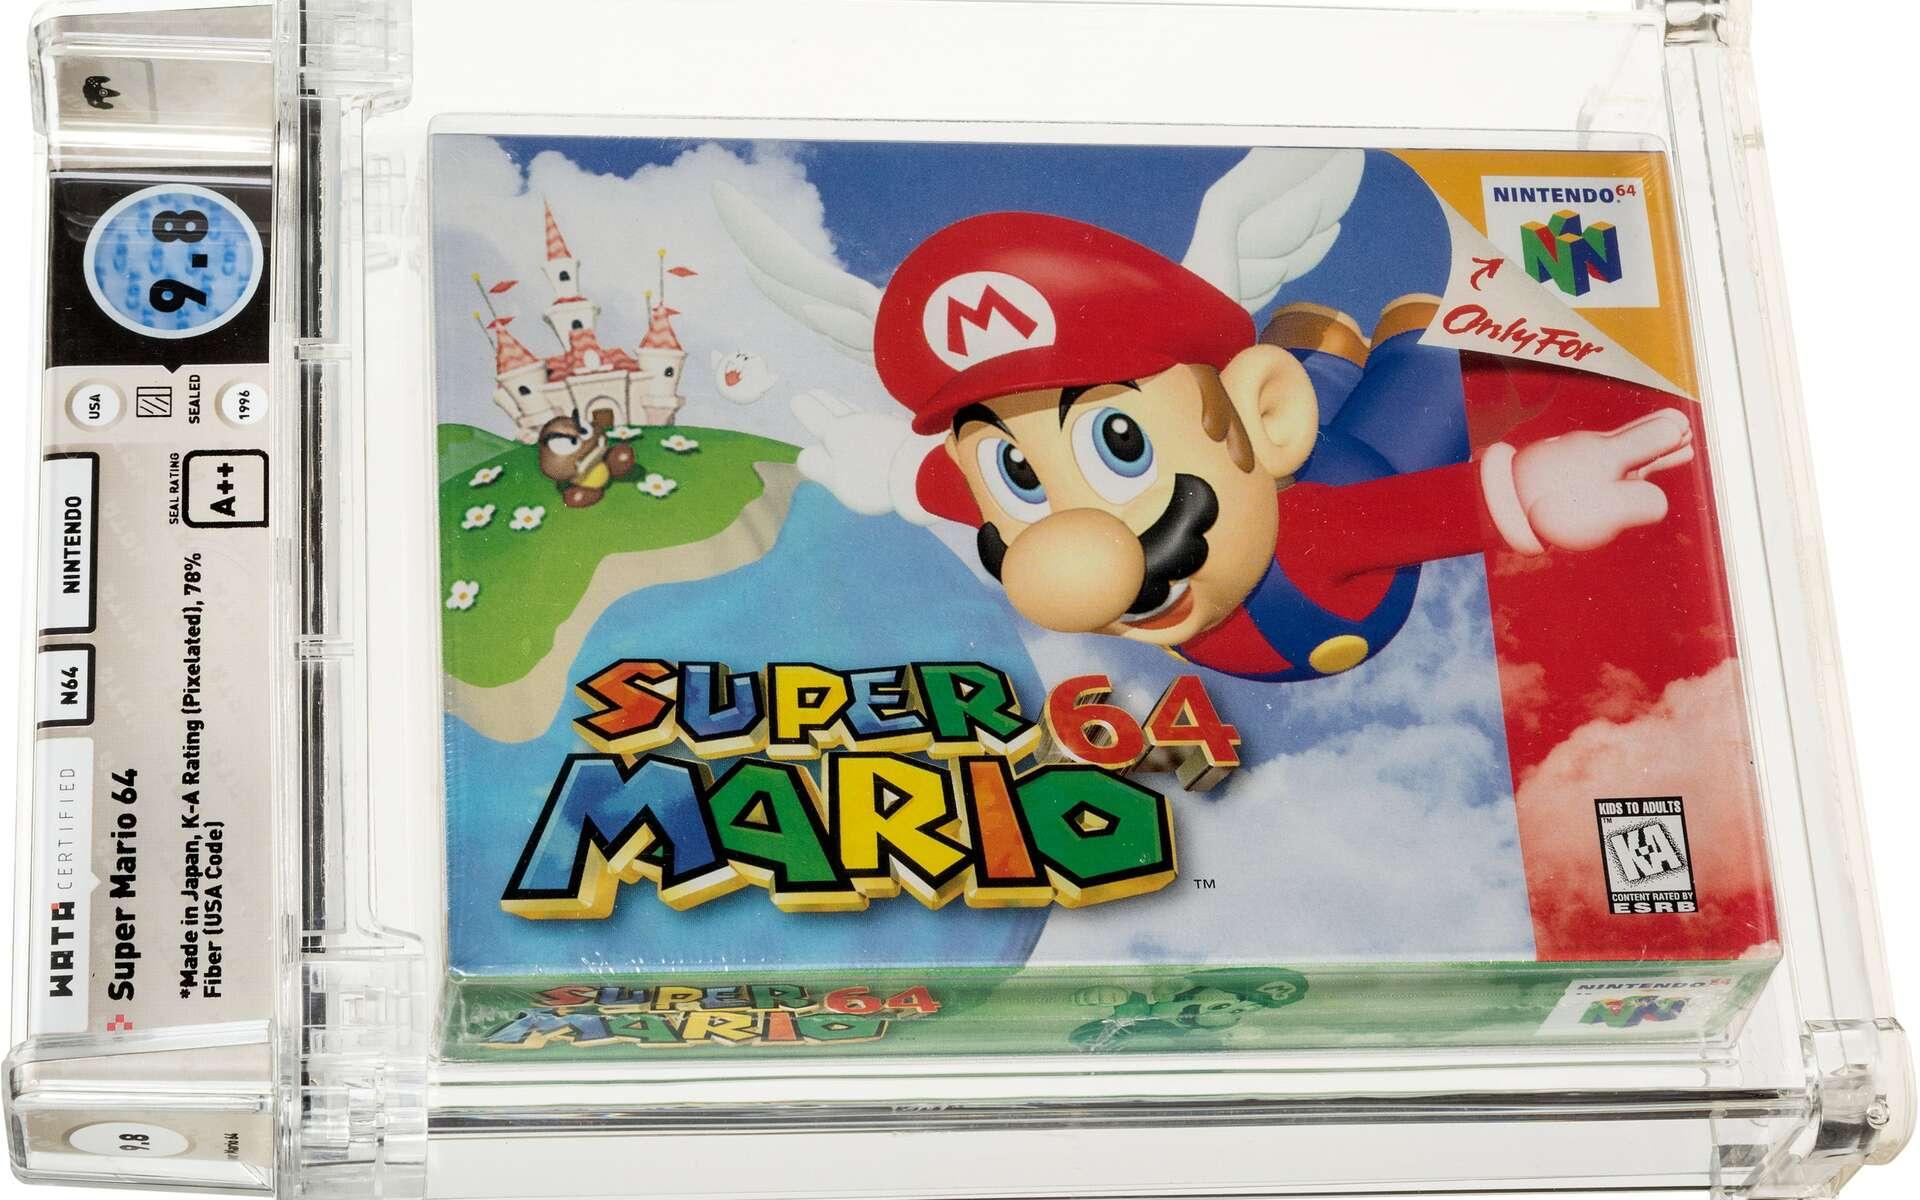 Une cartouche du jeu Super Mario 64 s'est vendue à plus de 1,5 million de dollars. © Heritage Auctions